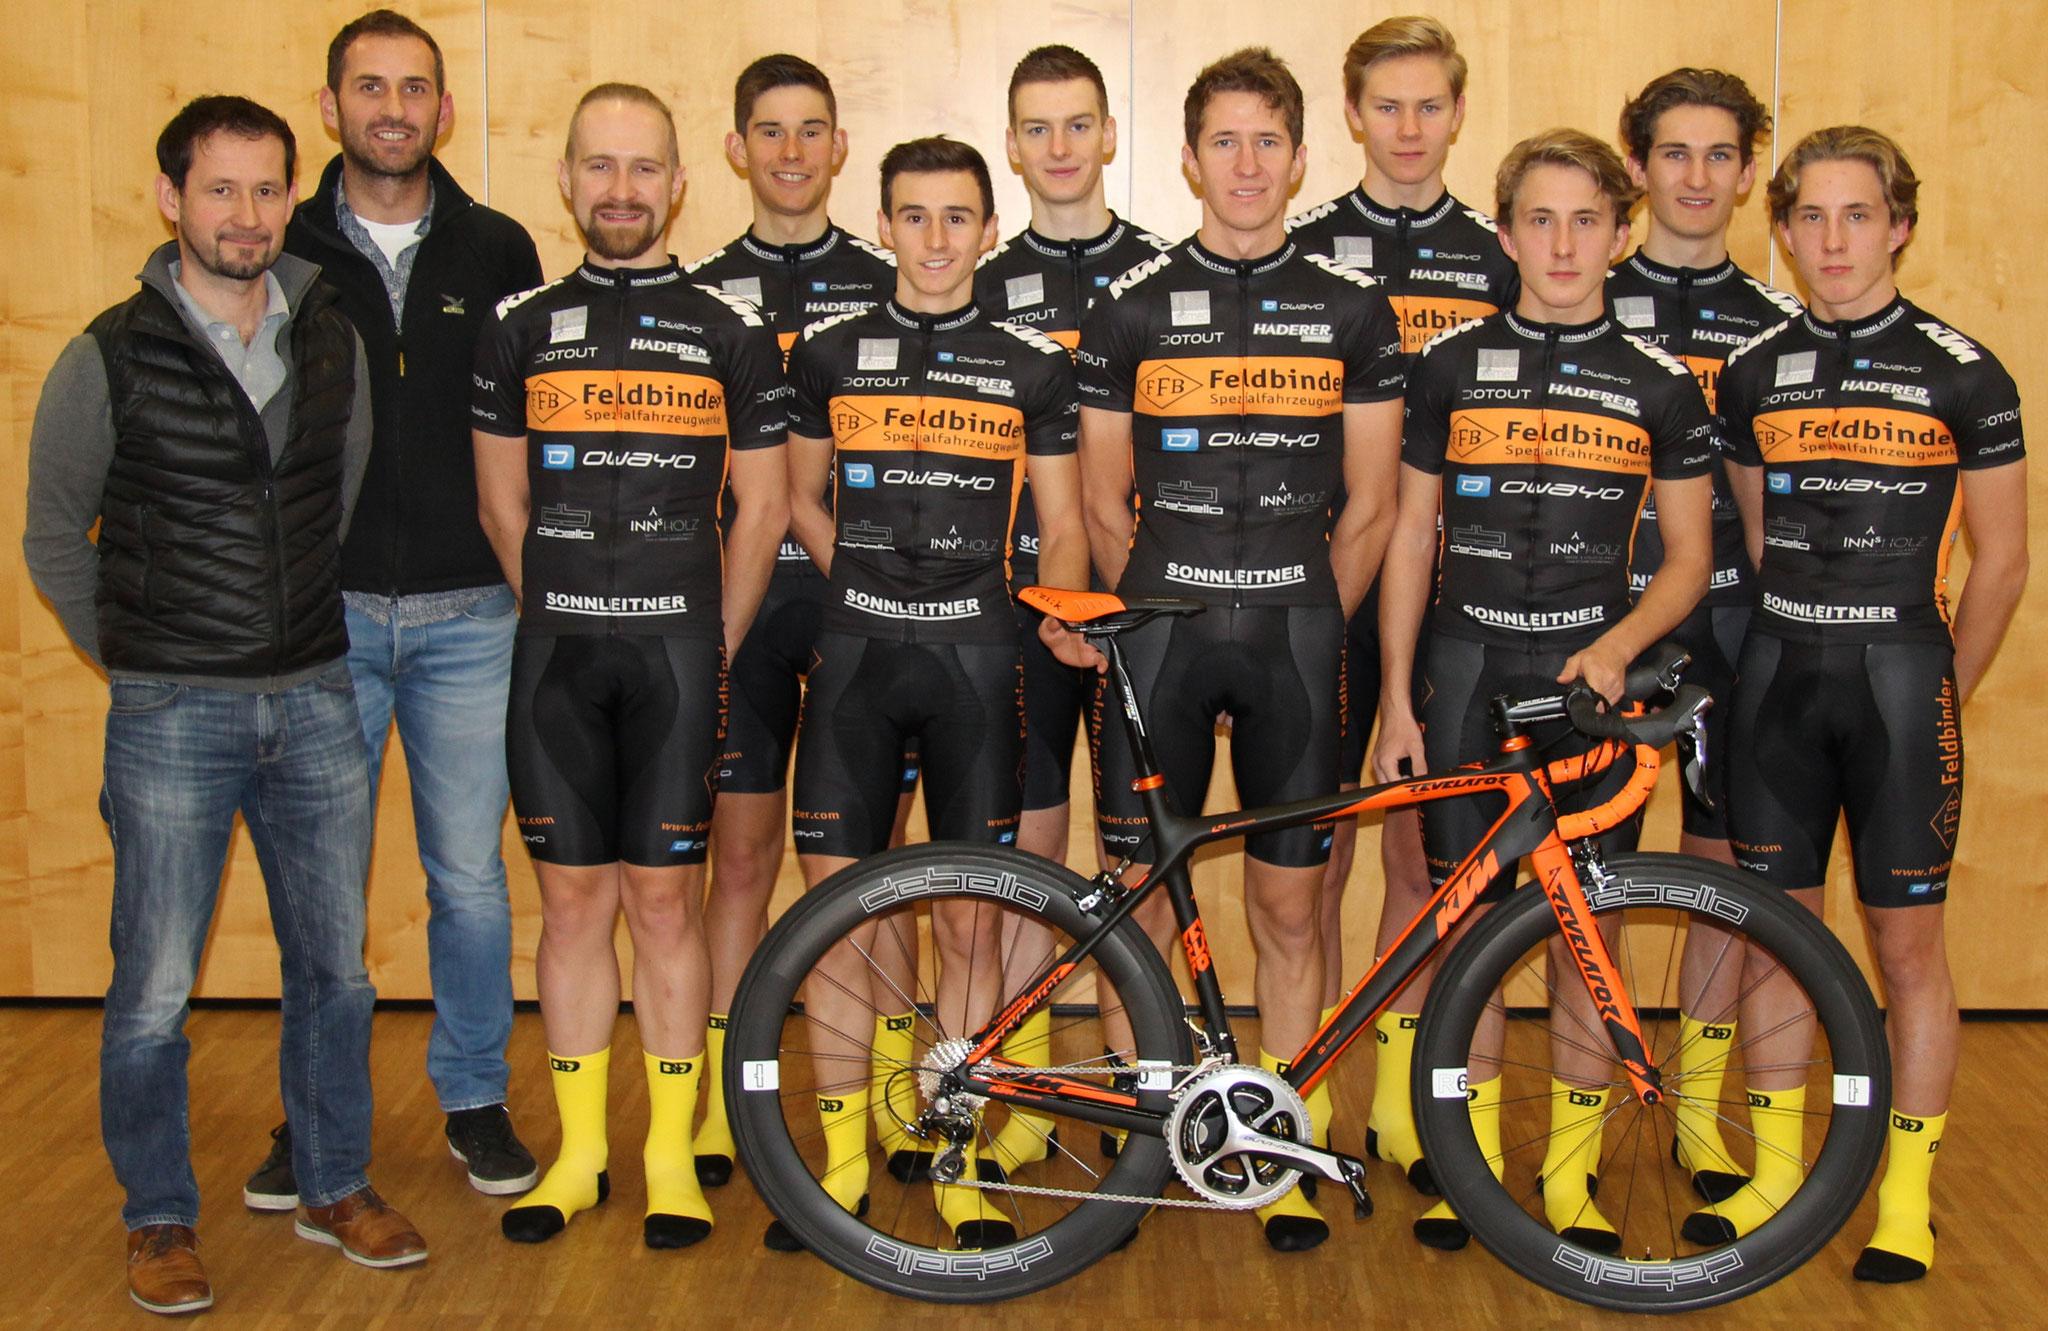 Thomas Rindberger und Clemens Mair von debello mit unserem Team